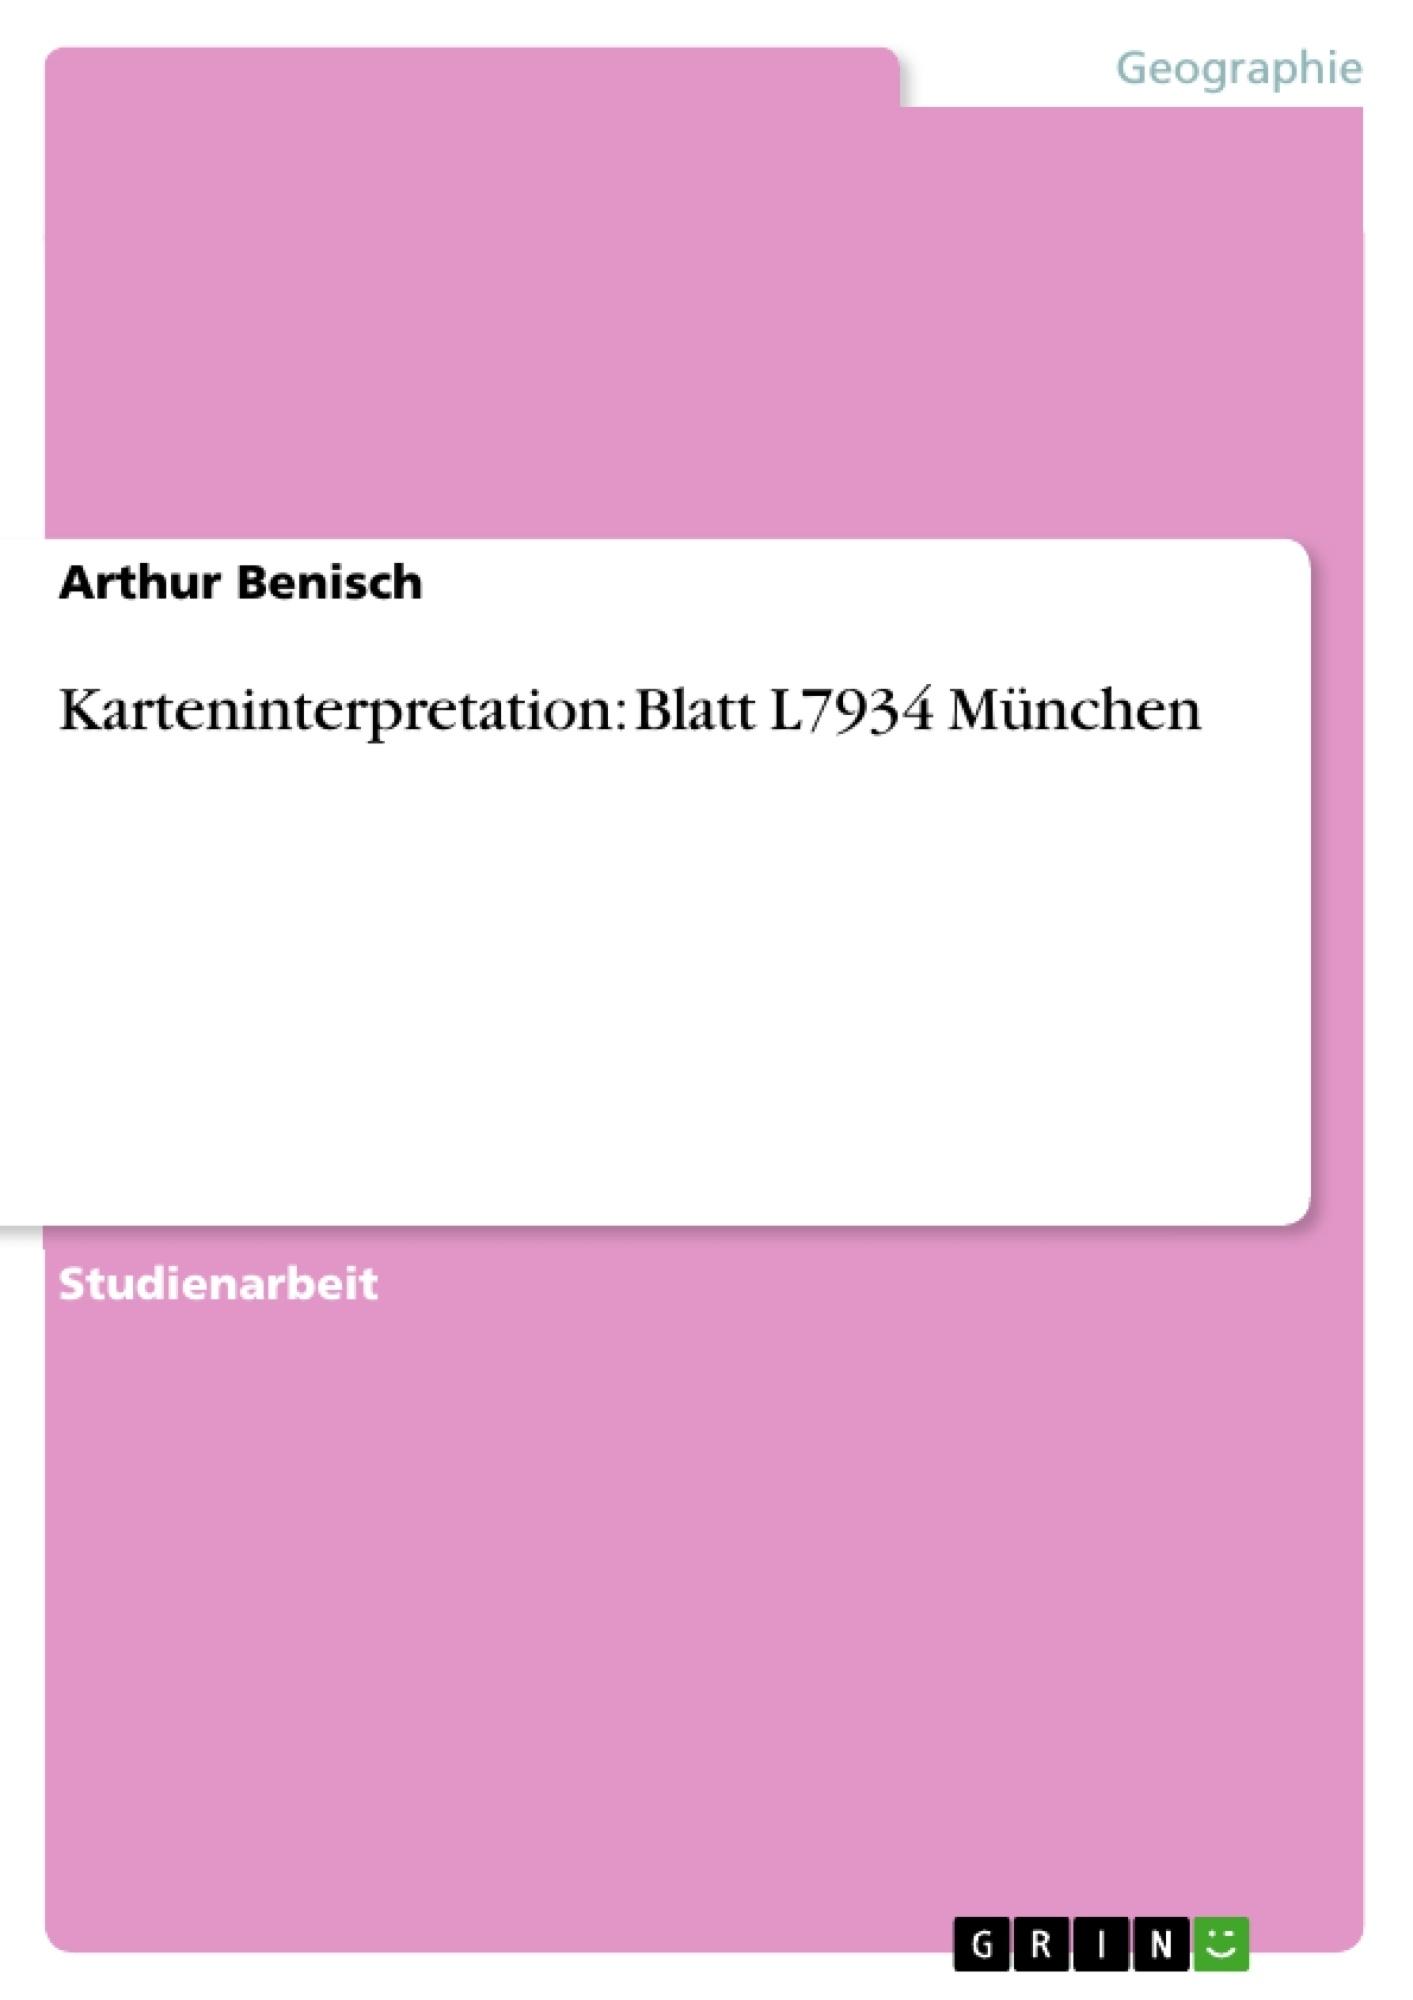 Titel: Karteninterpretation: Blatt L7934 München